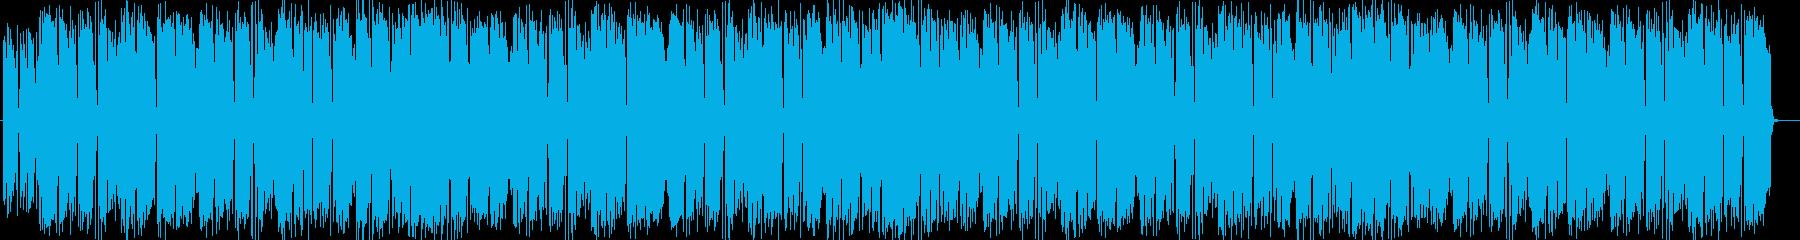 ほんわかメルヘンなサーカス・遊園地の再生済みの波形